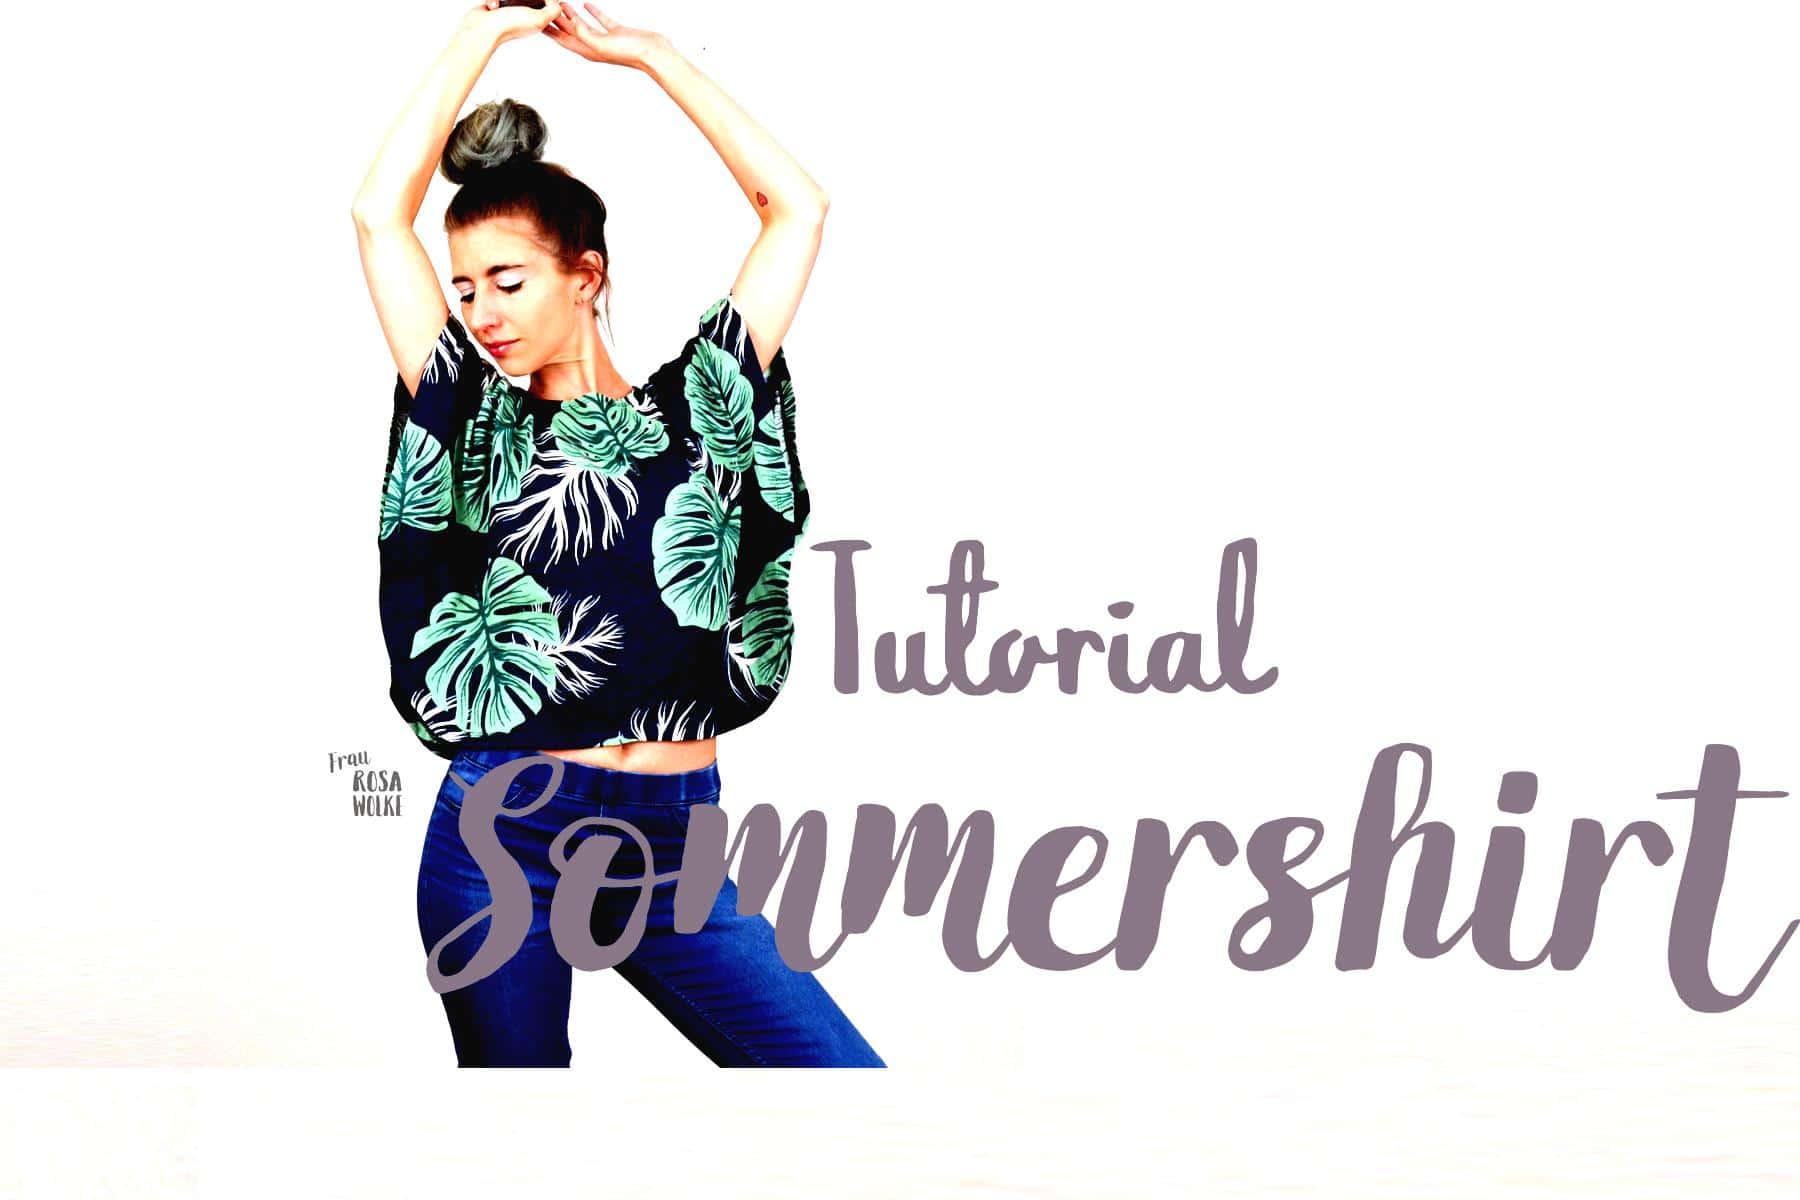 sommershirt-tutorial-nähen-anleitung